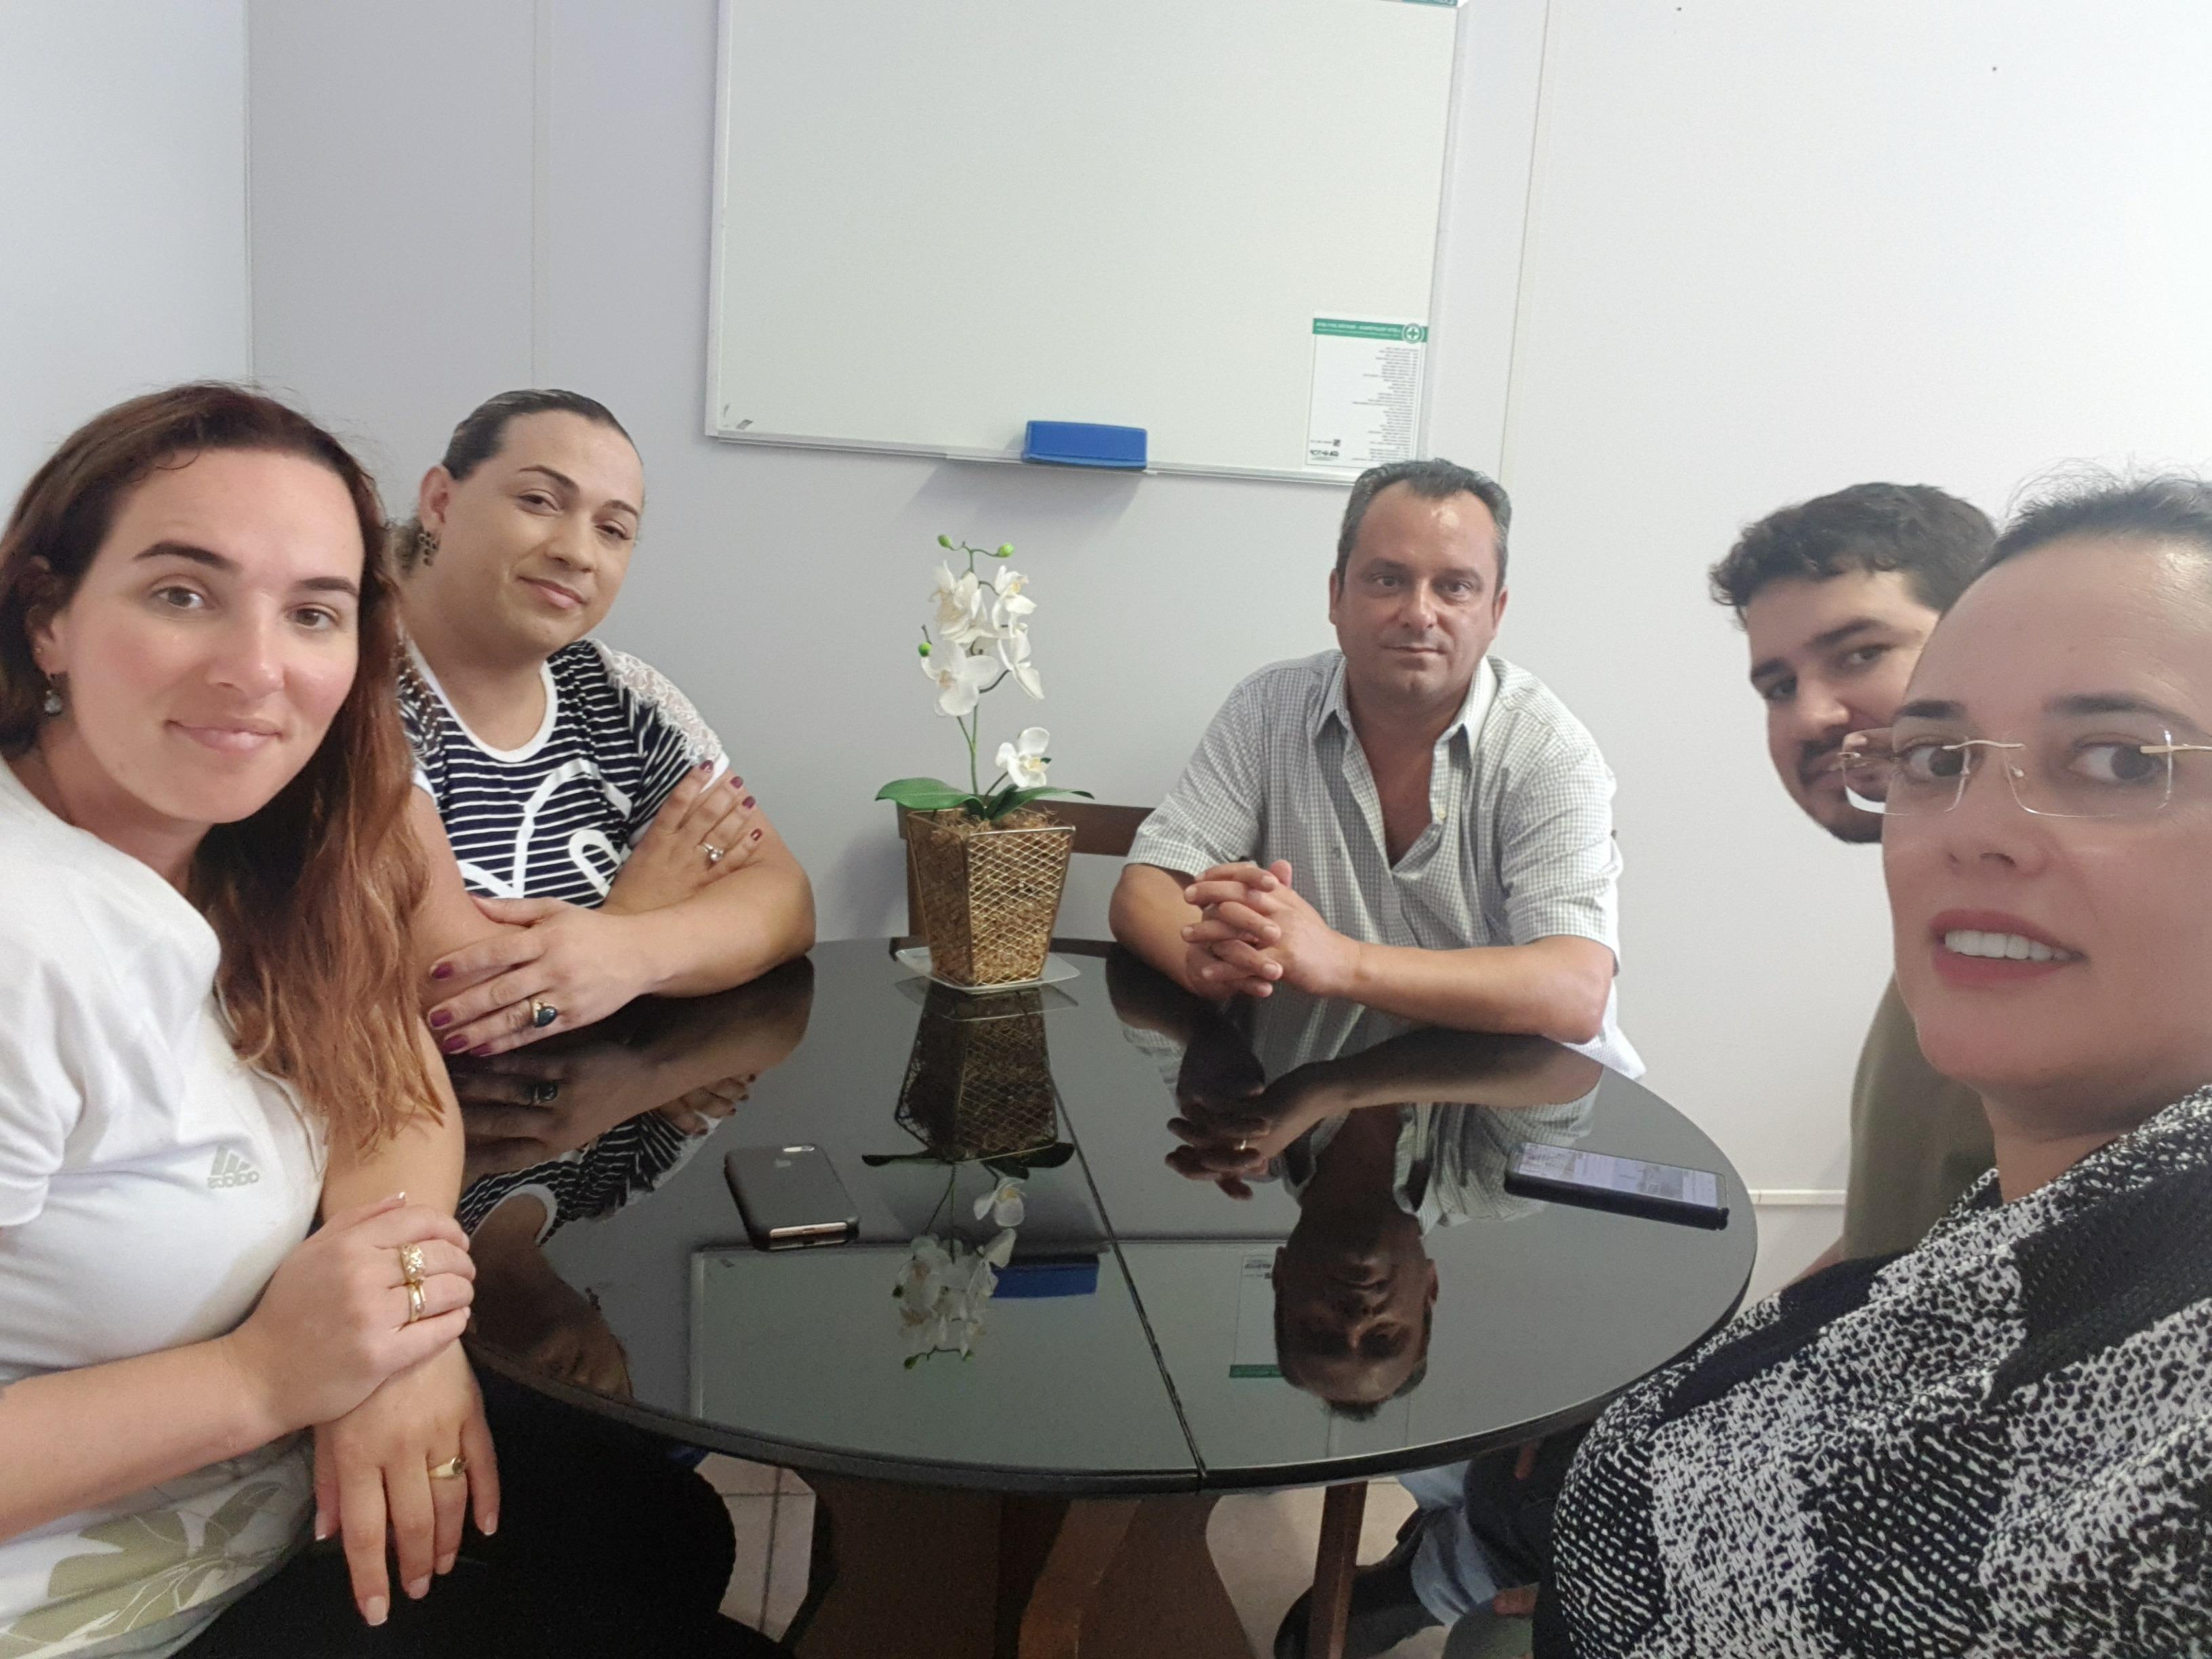 Visita à Câmara de Vereadores de Urussanga para apresentar o Portal PolíticoWeb